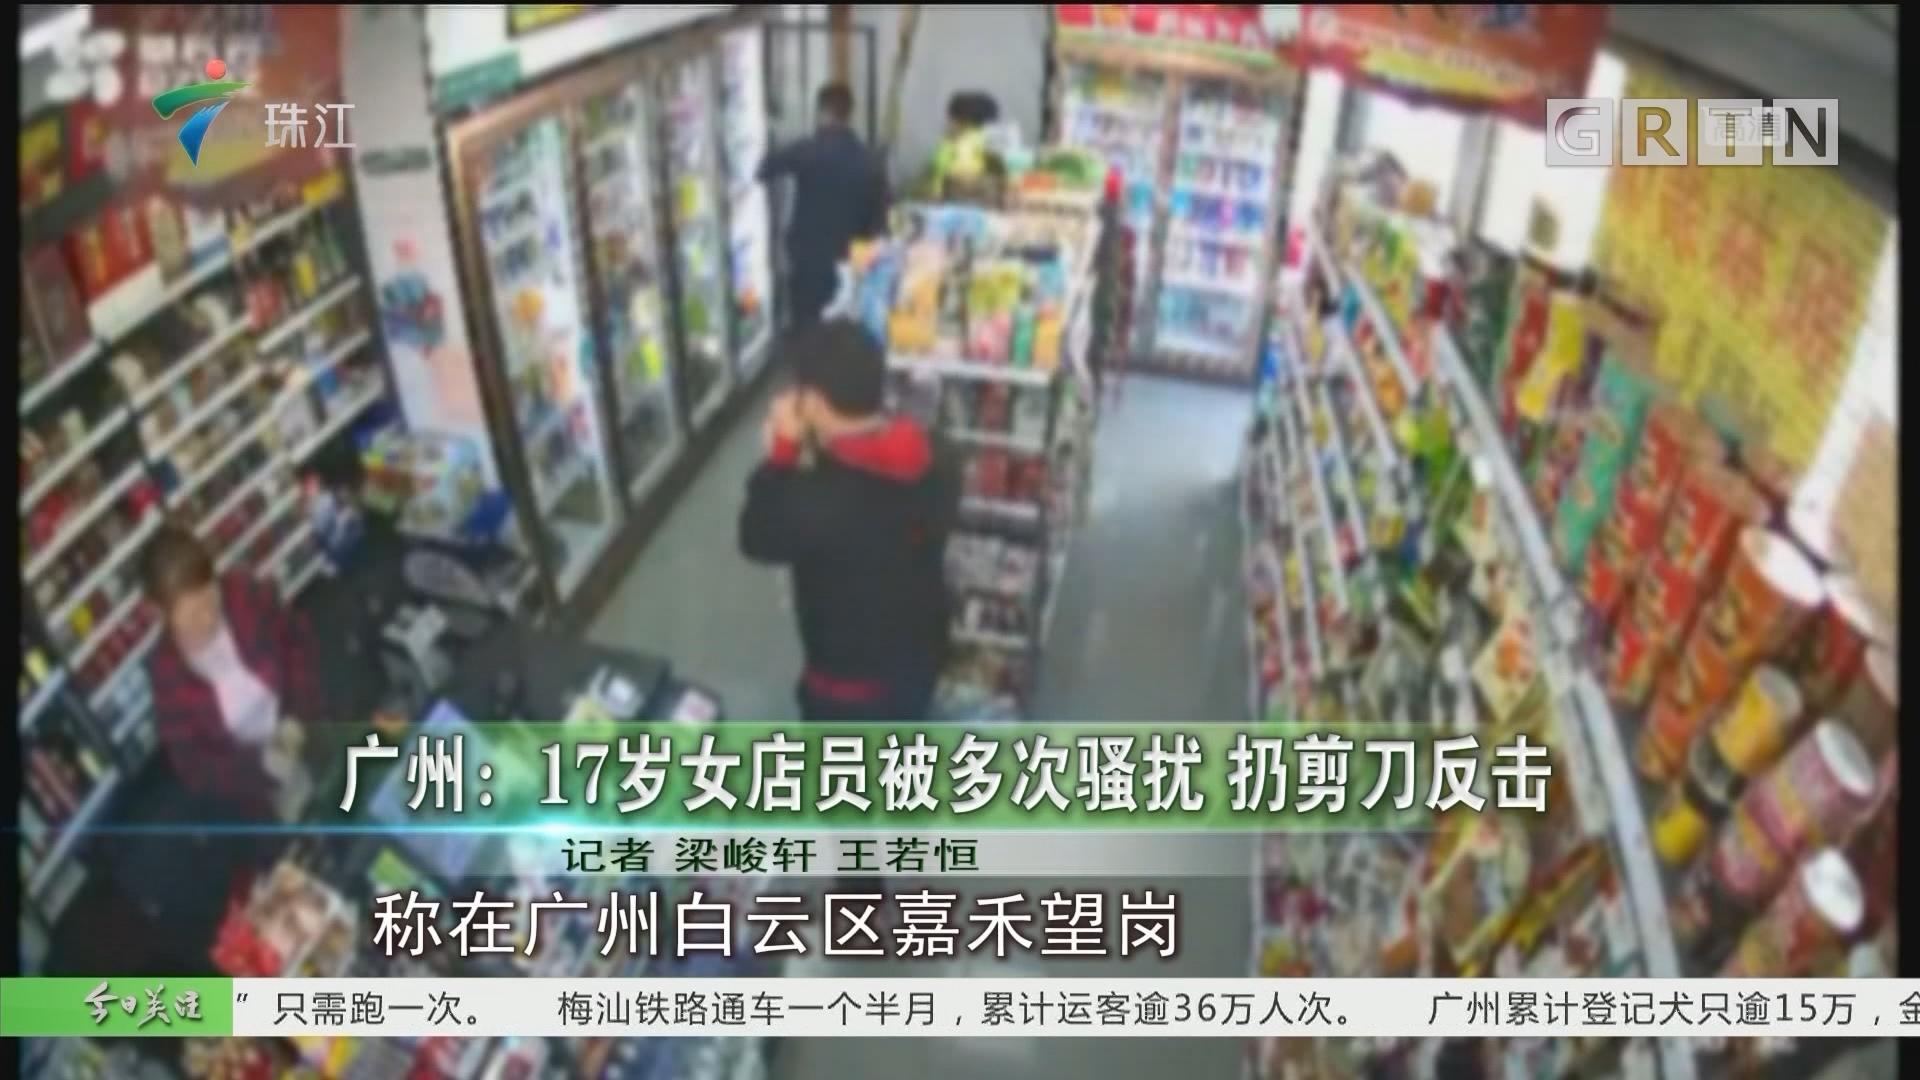 广州:17岁女店员被多次骚扰 扔剪刀反击